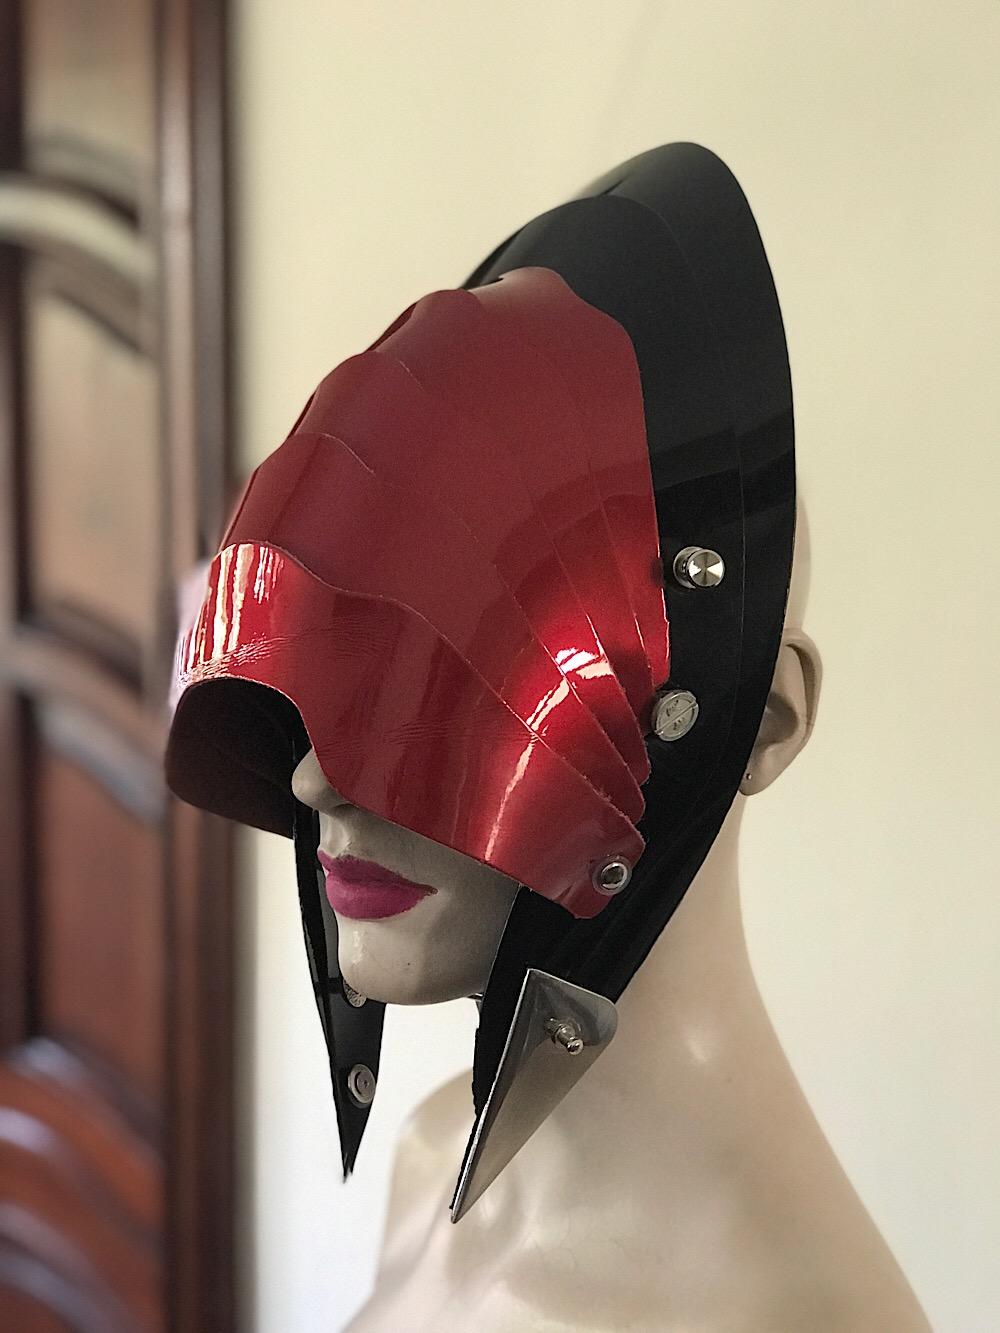 Unusual Head Wear futuristic, mask hat headpiece helmet modern Steampunk wearable art red black